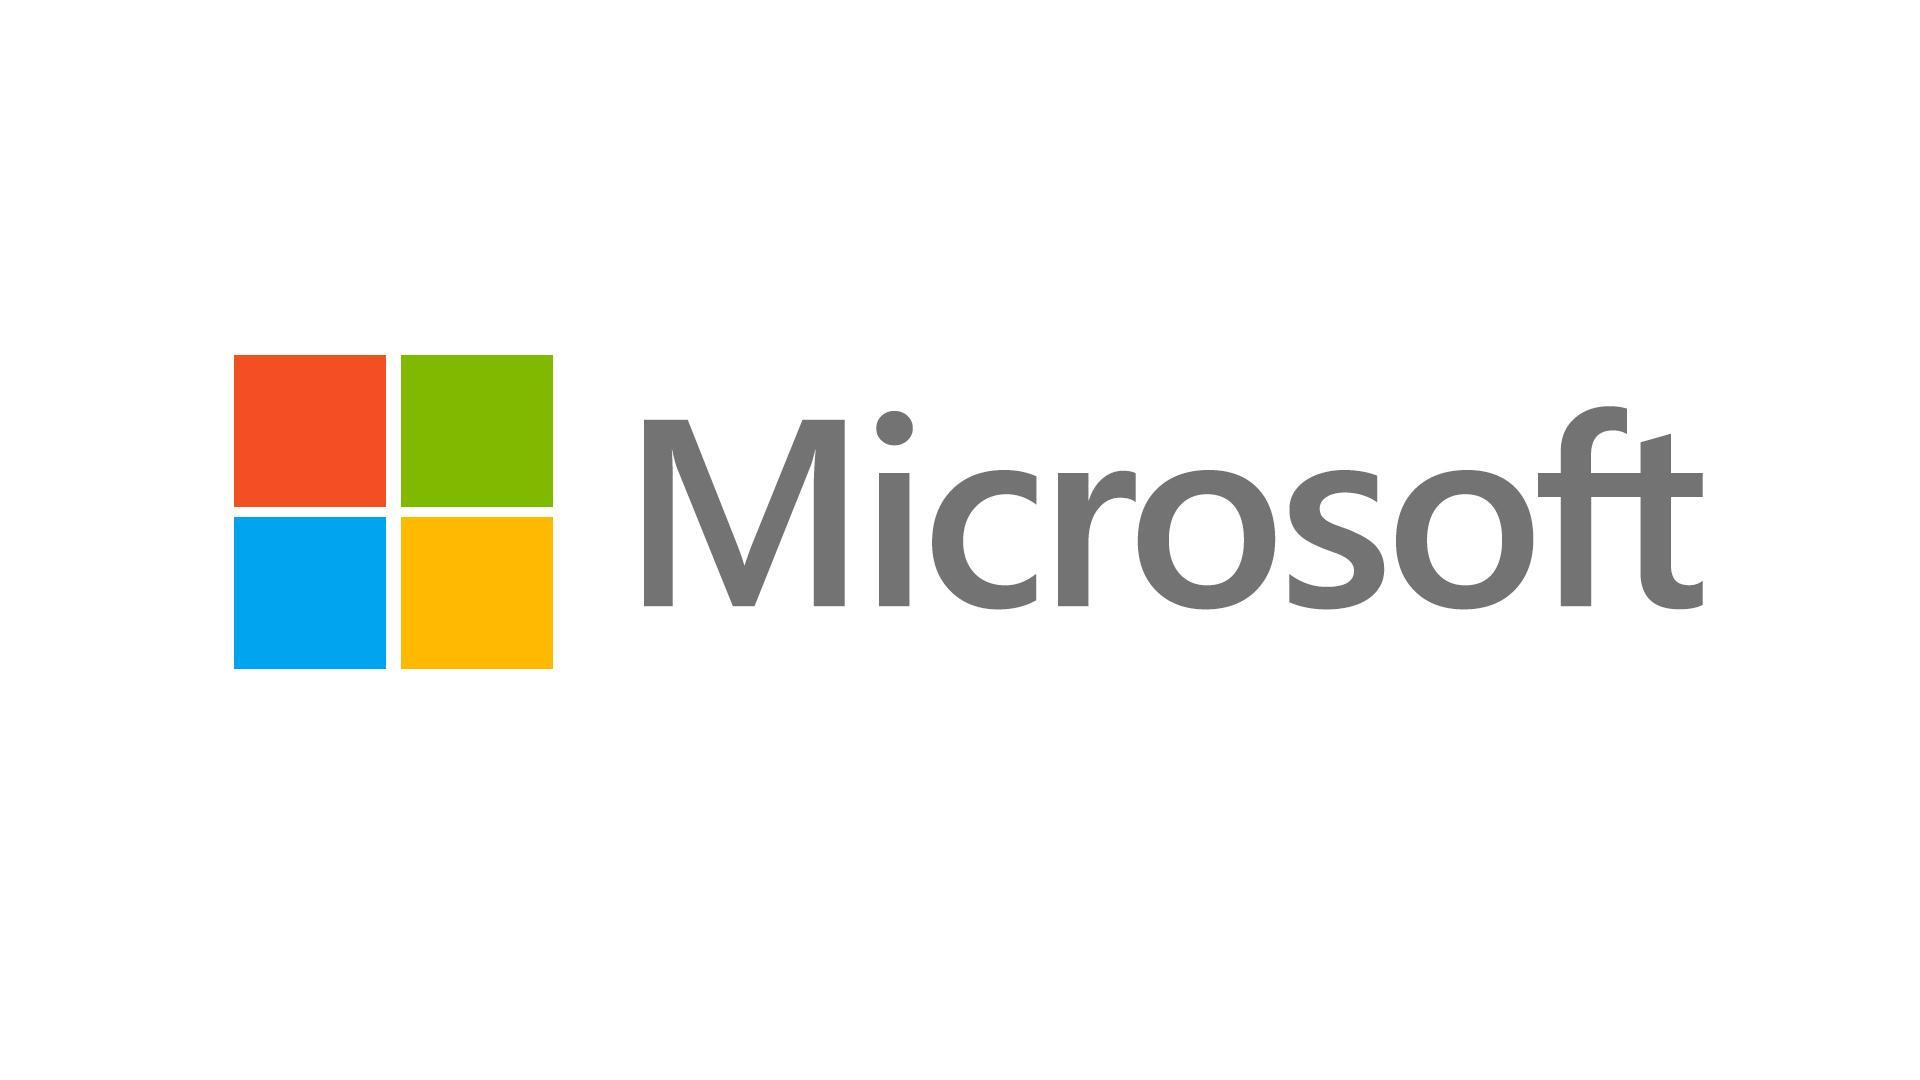 微软澳洲官网父亲节活动:Surface Pro 3 15%OFF!其它商品最多减$70!